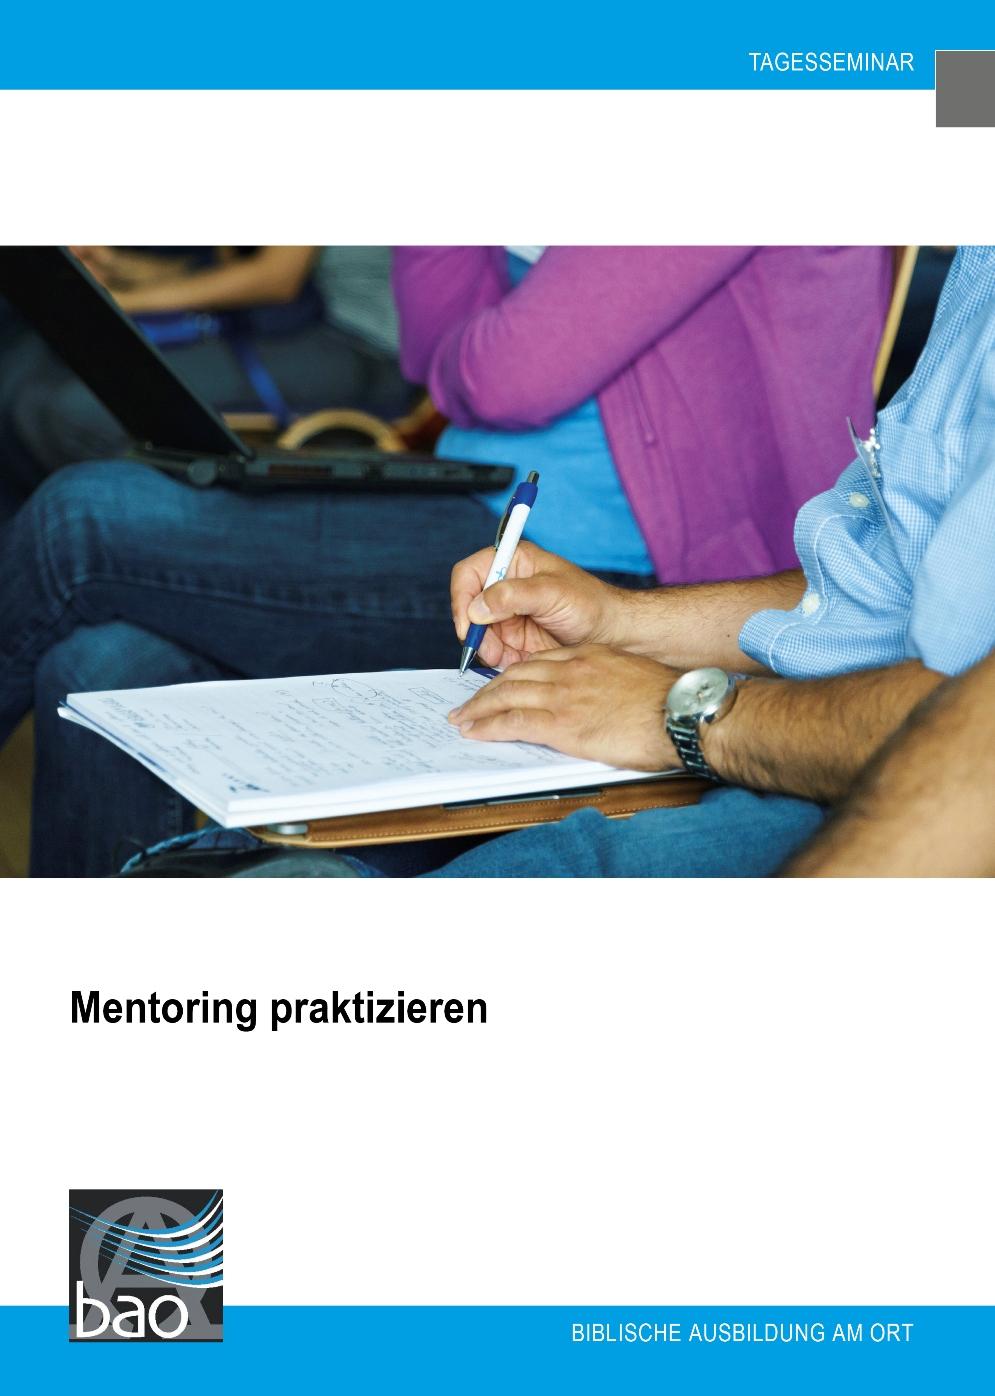 Mentoring praktizieren Image